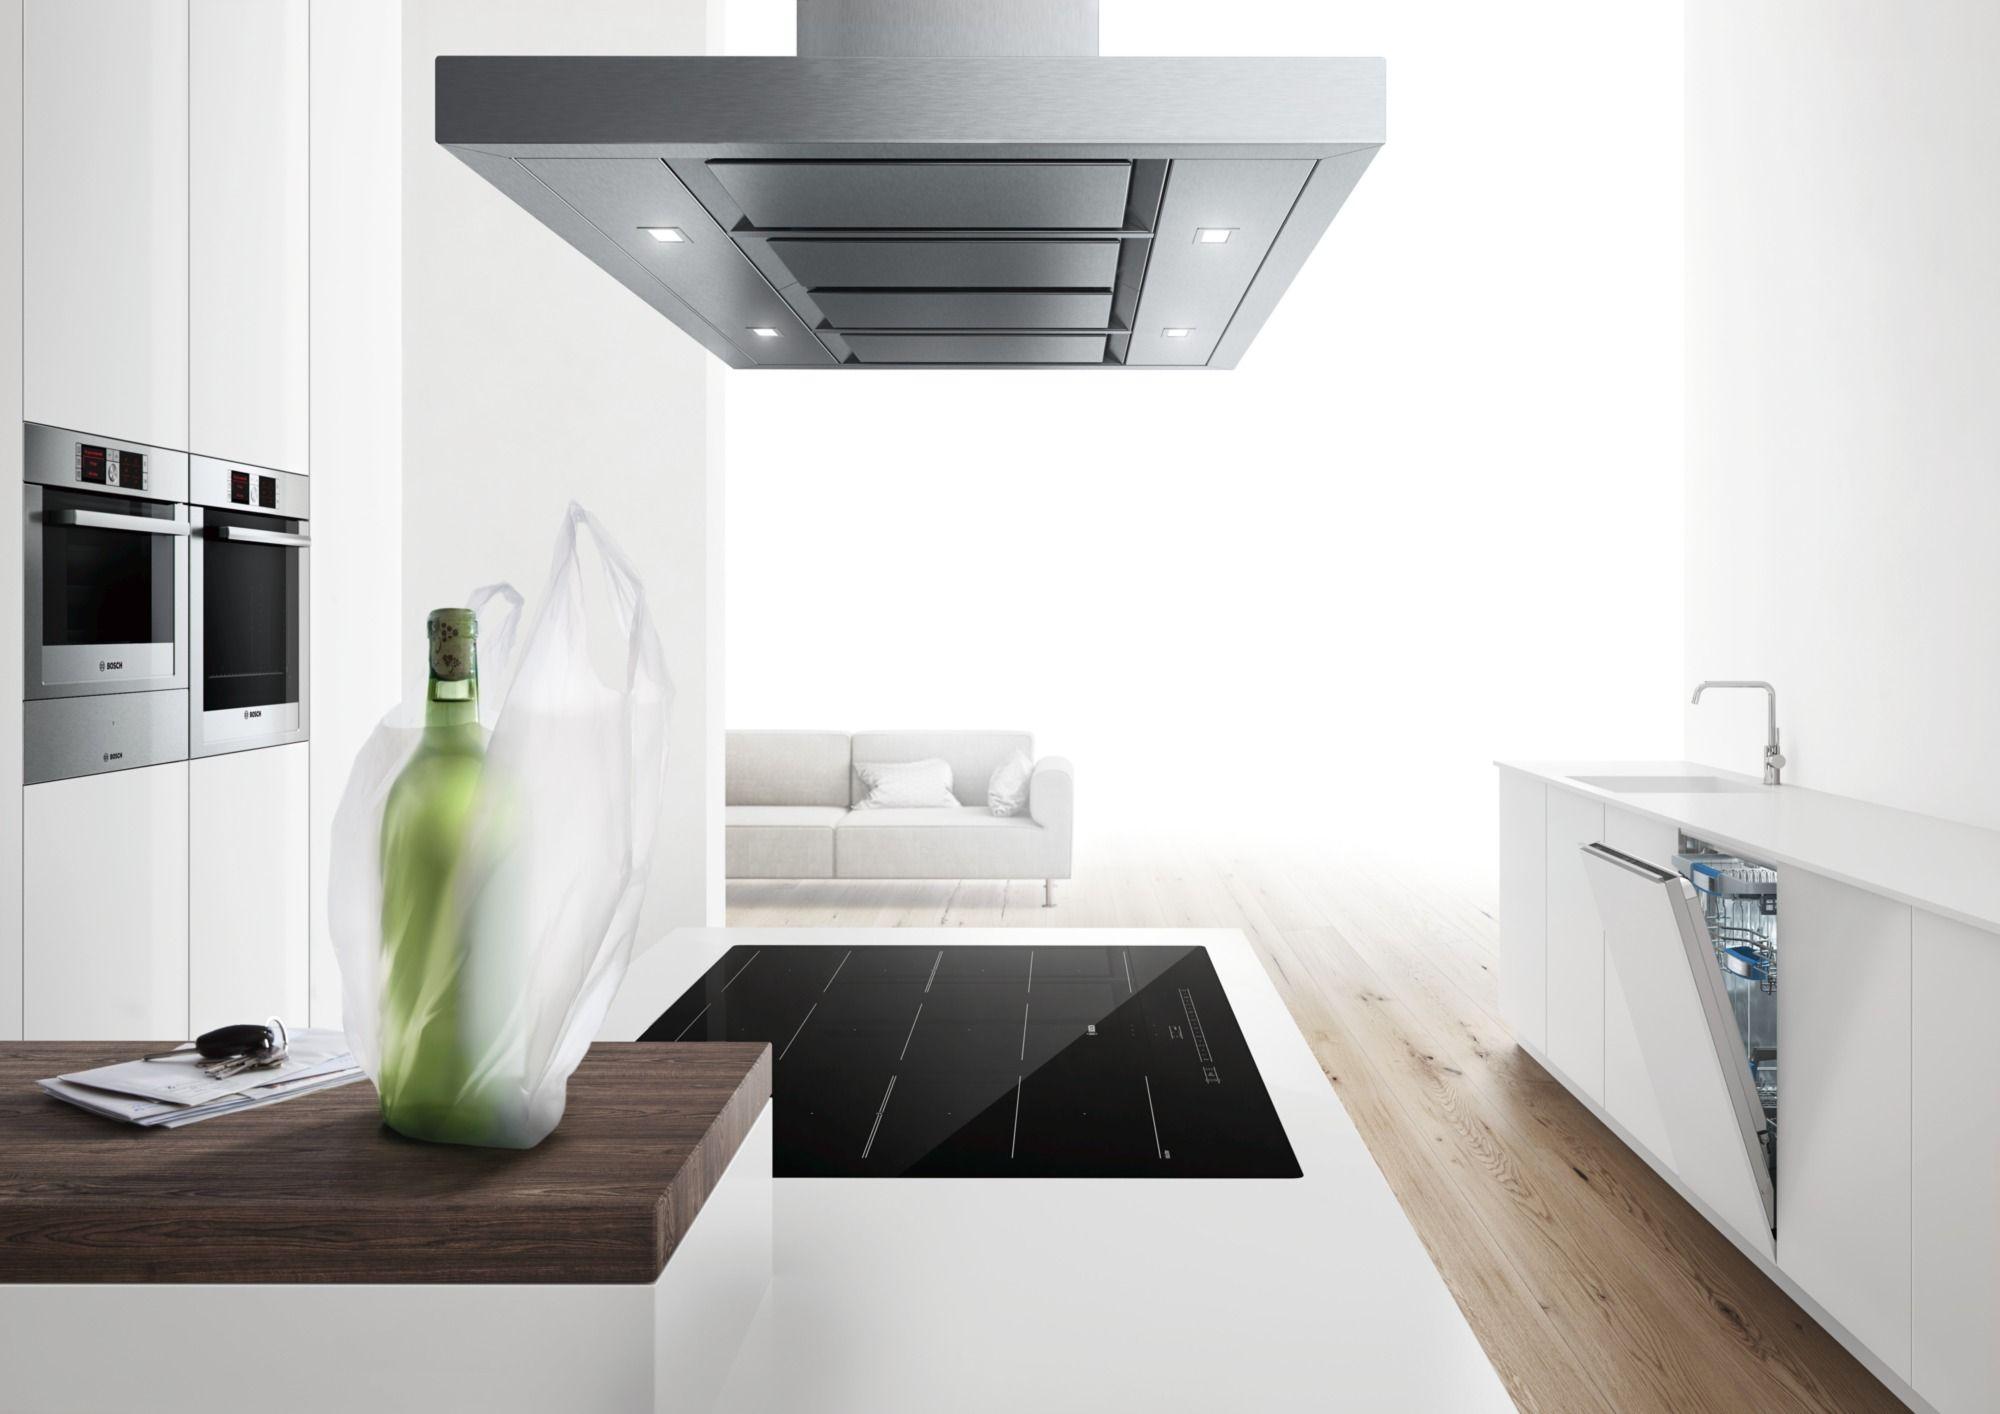 Boretti keuken apparatuur interior architecture and architecture